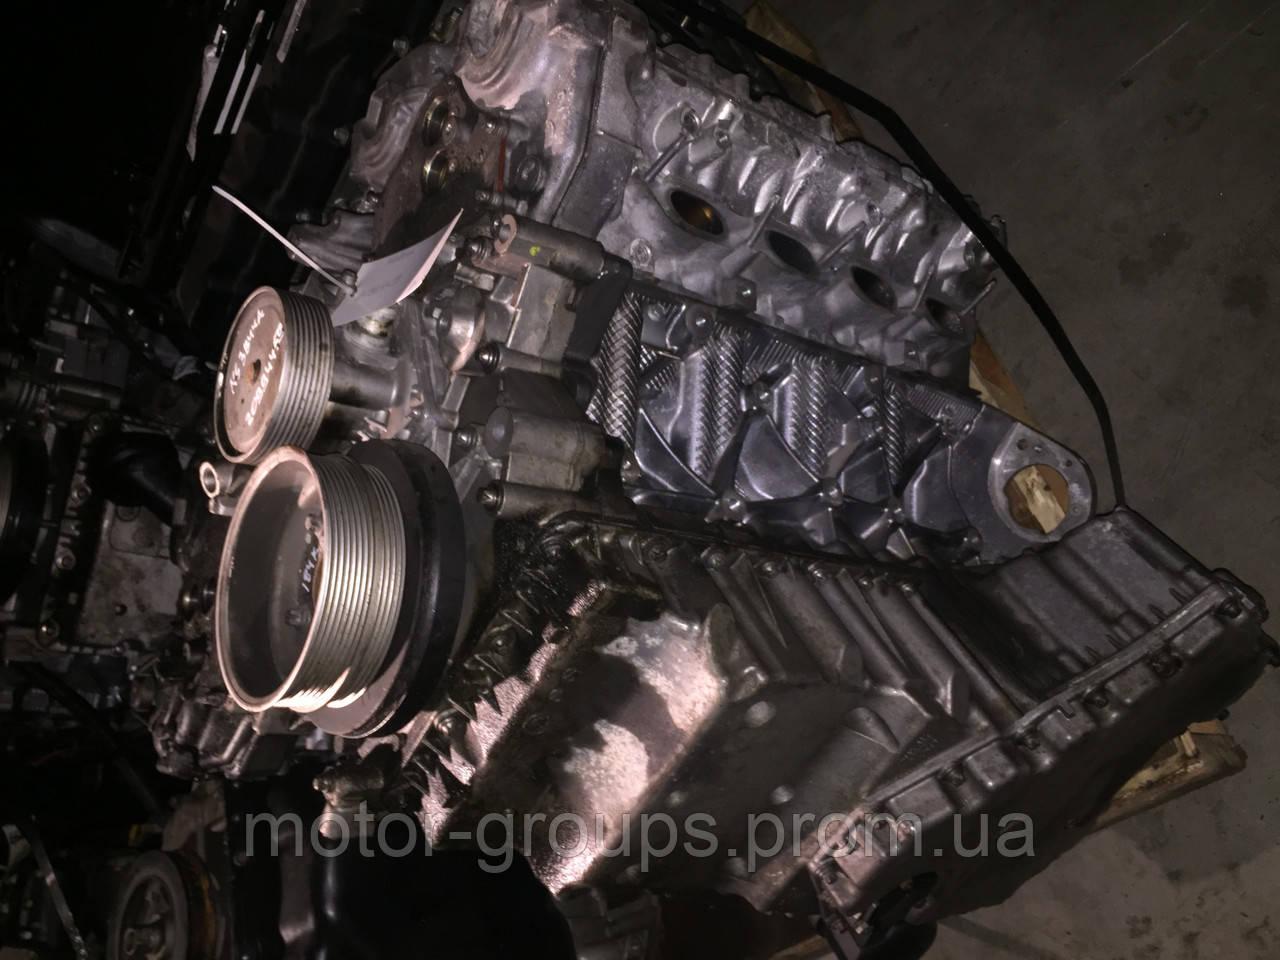 Двигатель БУ БМВ Ф01 7 серии 750 4.4 N63B44 Купить Двигатель BMW 750i F01 4,4 - Мотор Груп в Киеве